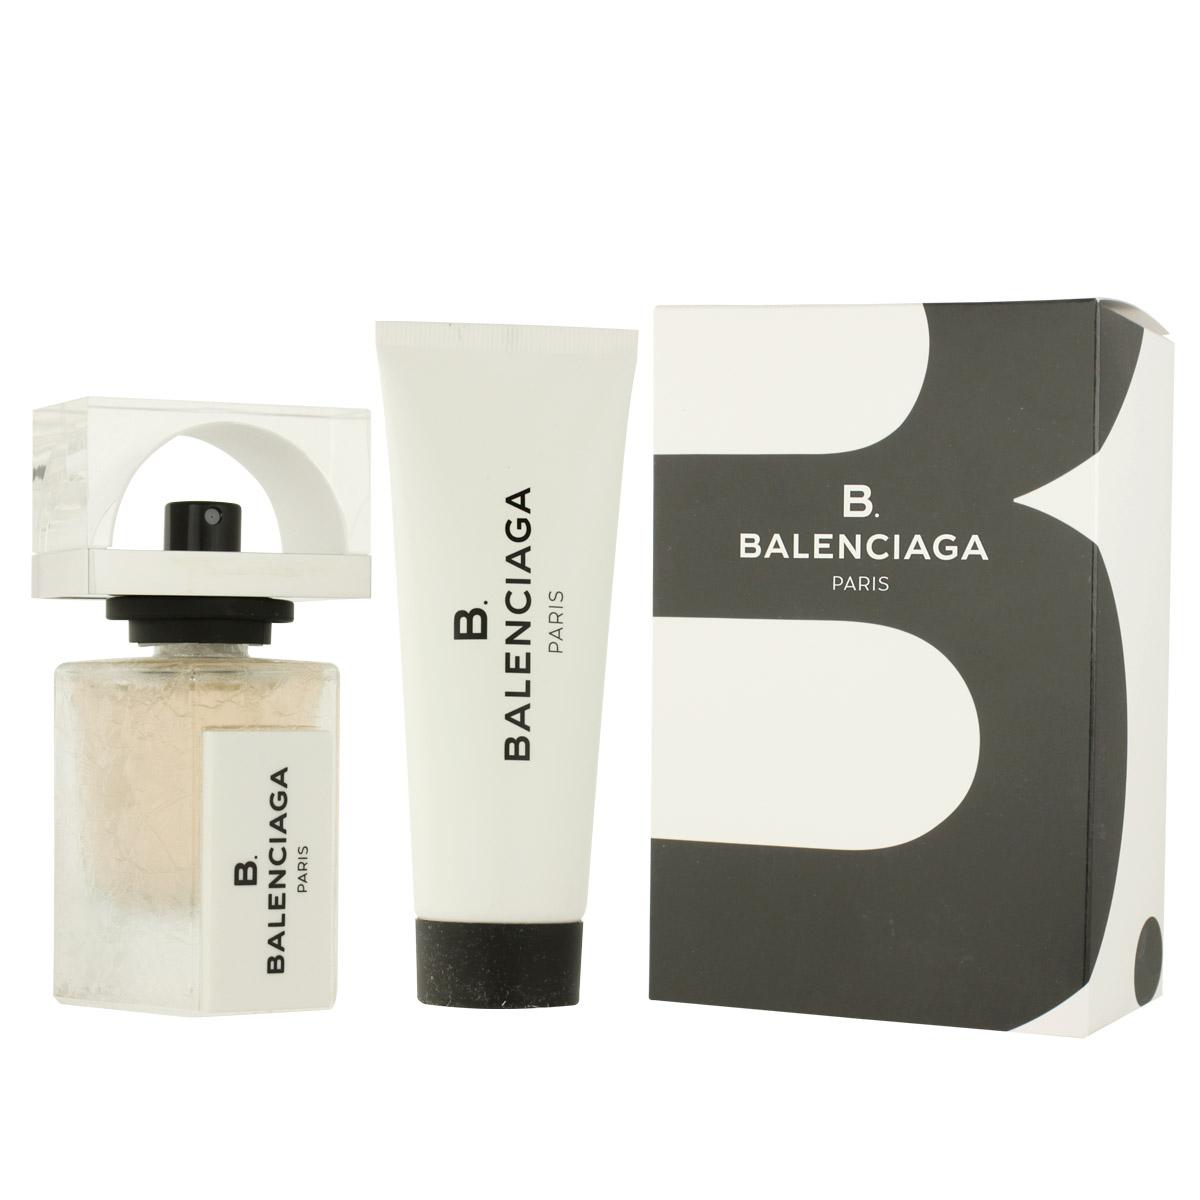 Balenciaga B. Balenciaga EDP 30 ml + BL 75 ml (poškozená krabička) W